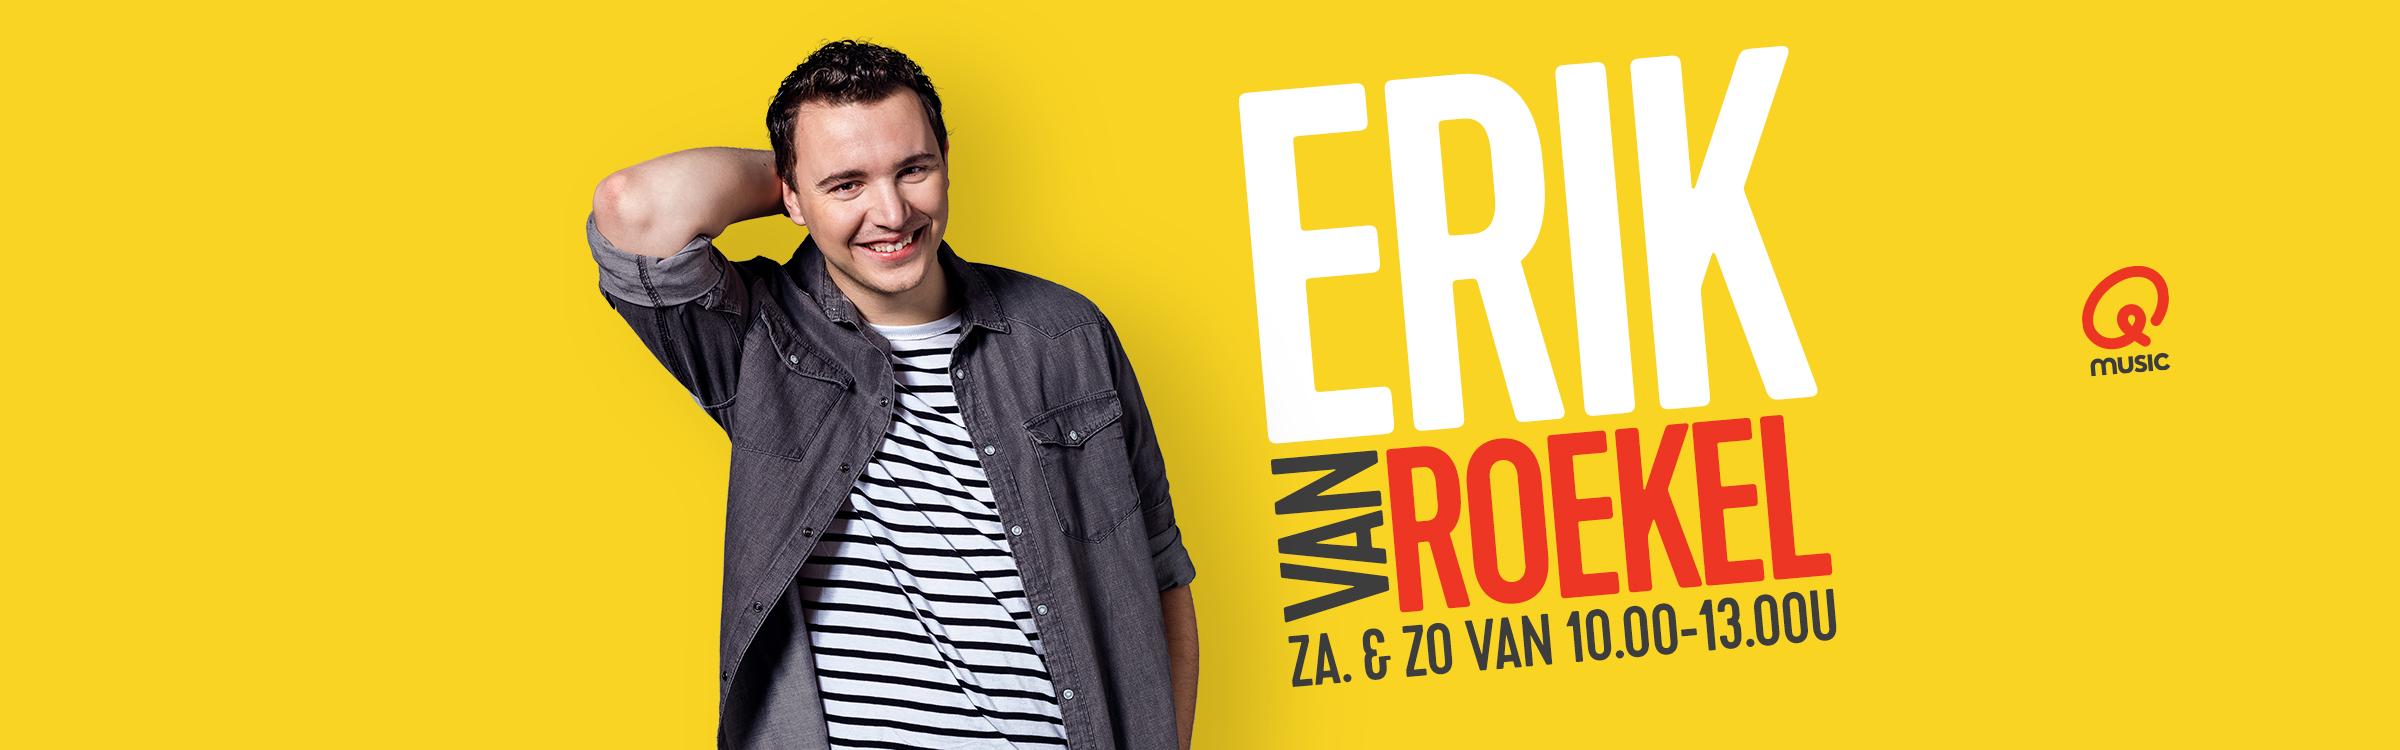 Erik van Roekel